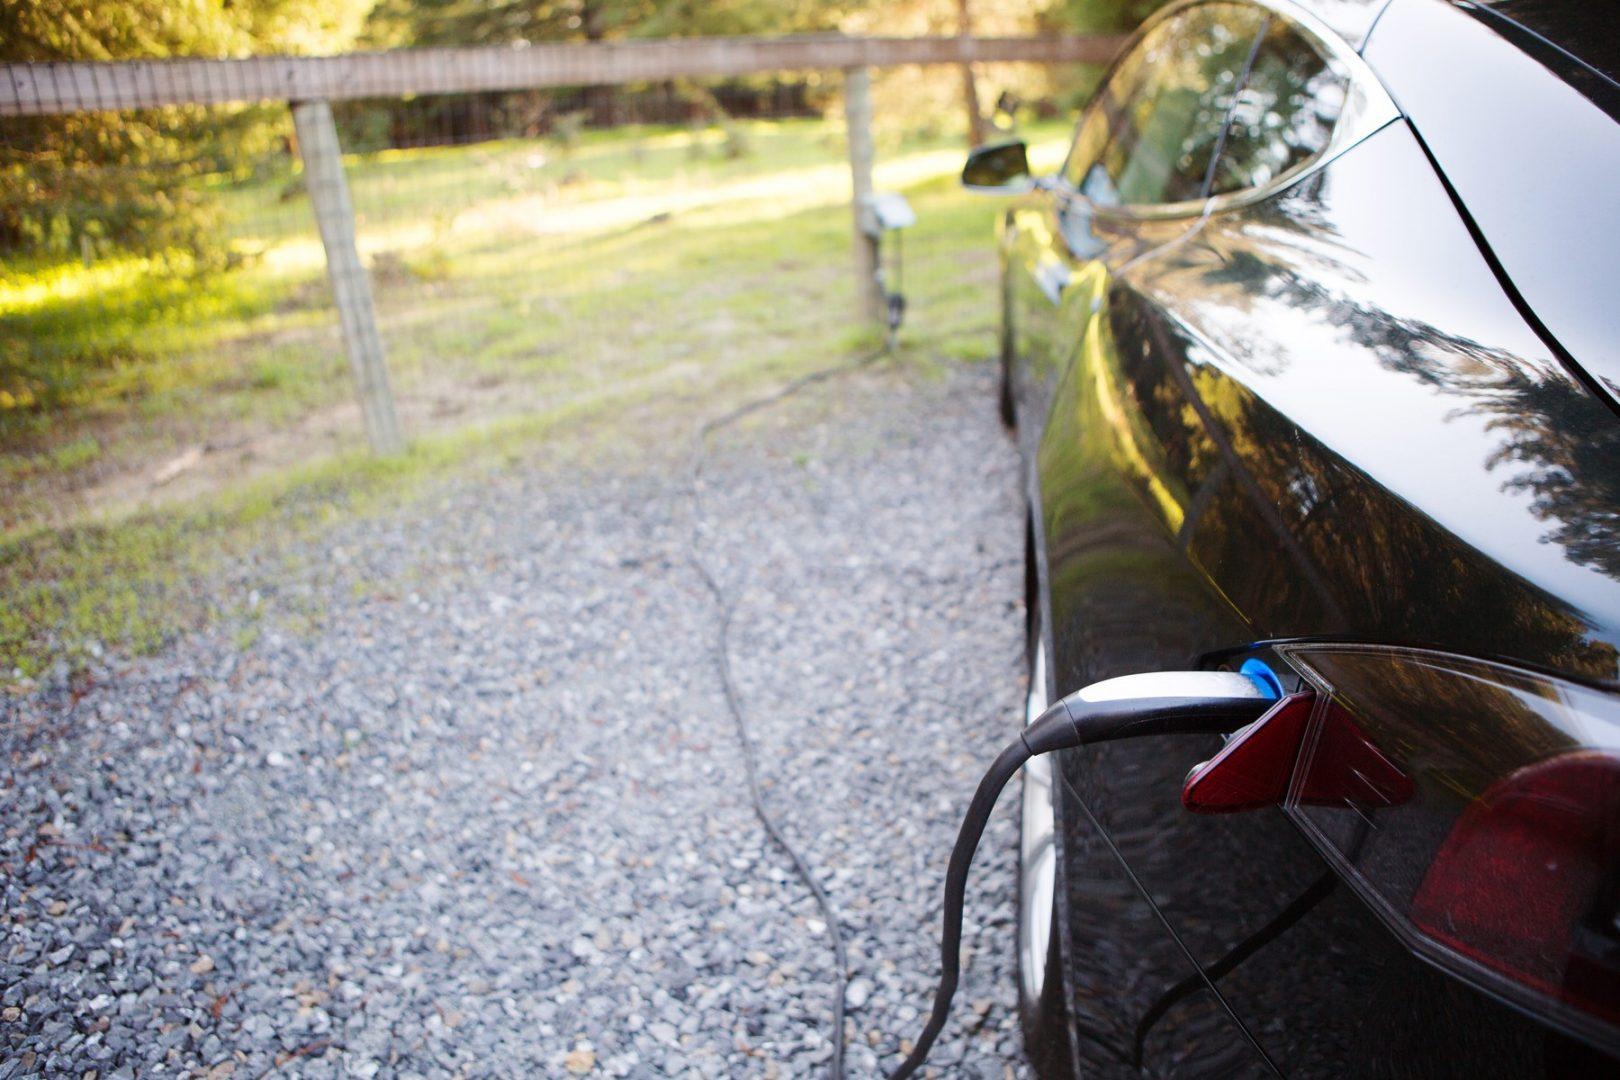 Hoți înamați au abandonat un automobil electric deoarece nu au știut să îl conducă